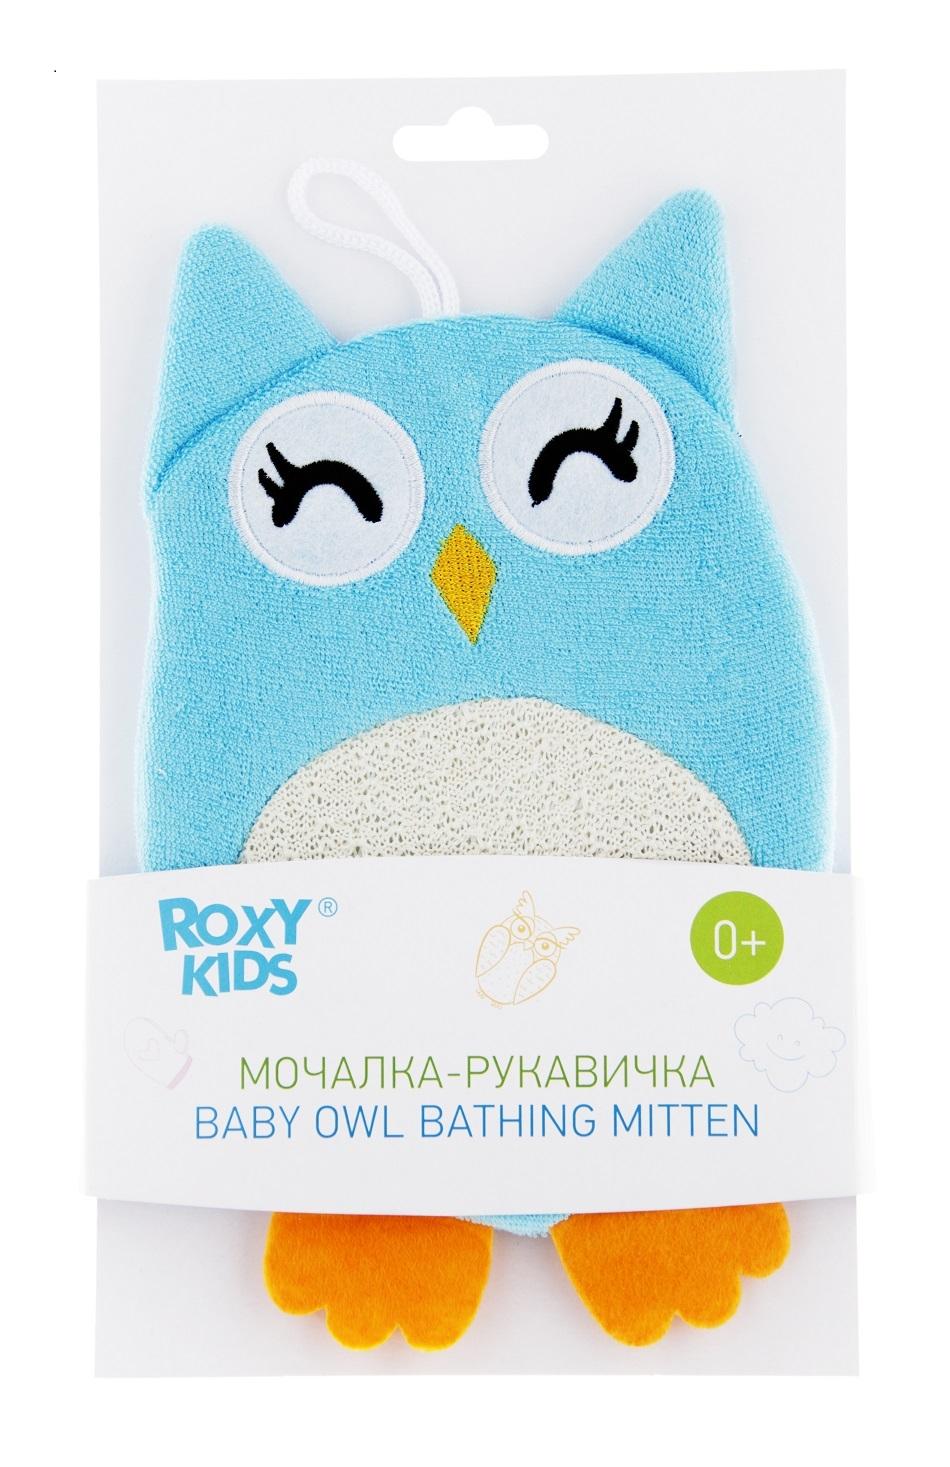 Мочалка-рукавичка Roxy-kids Baby Owl